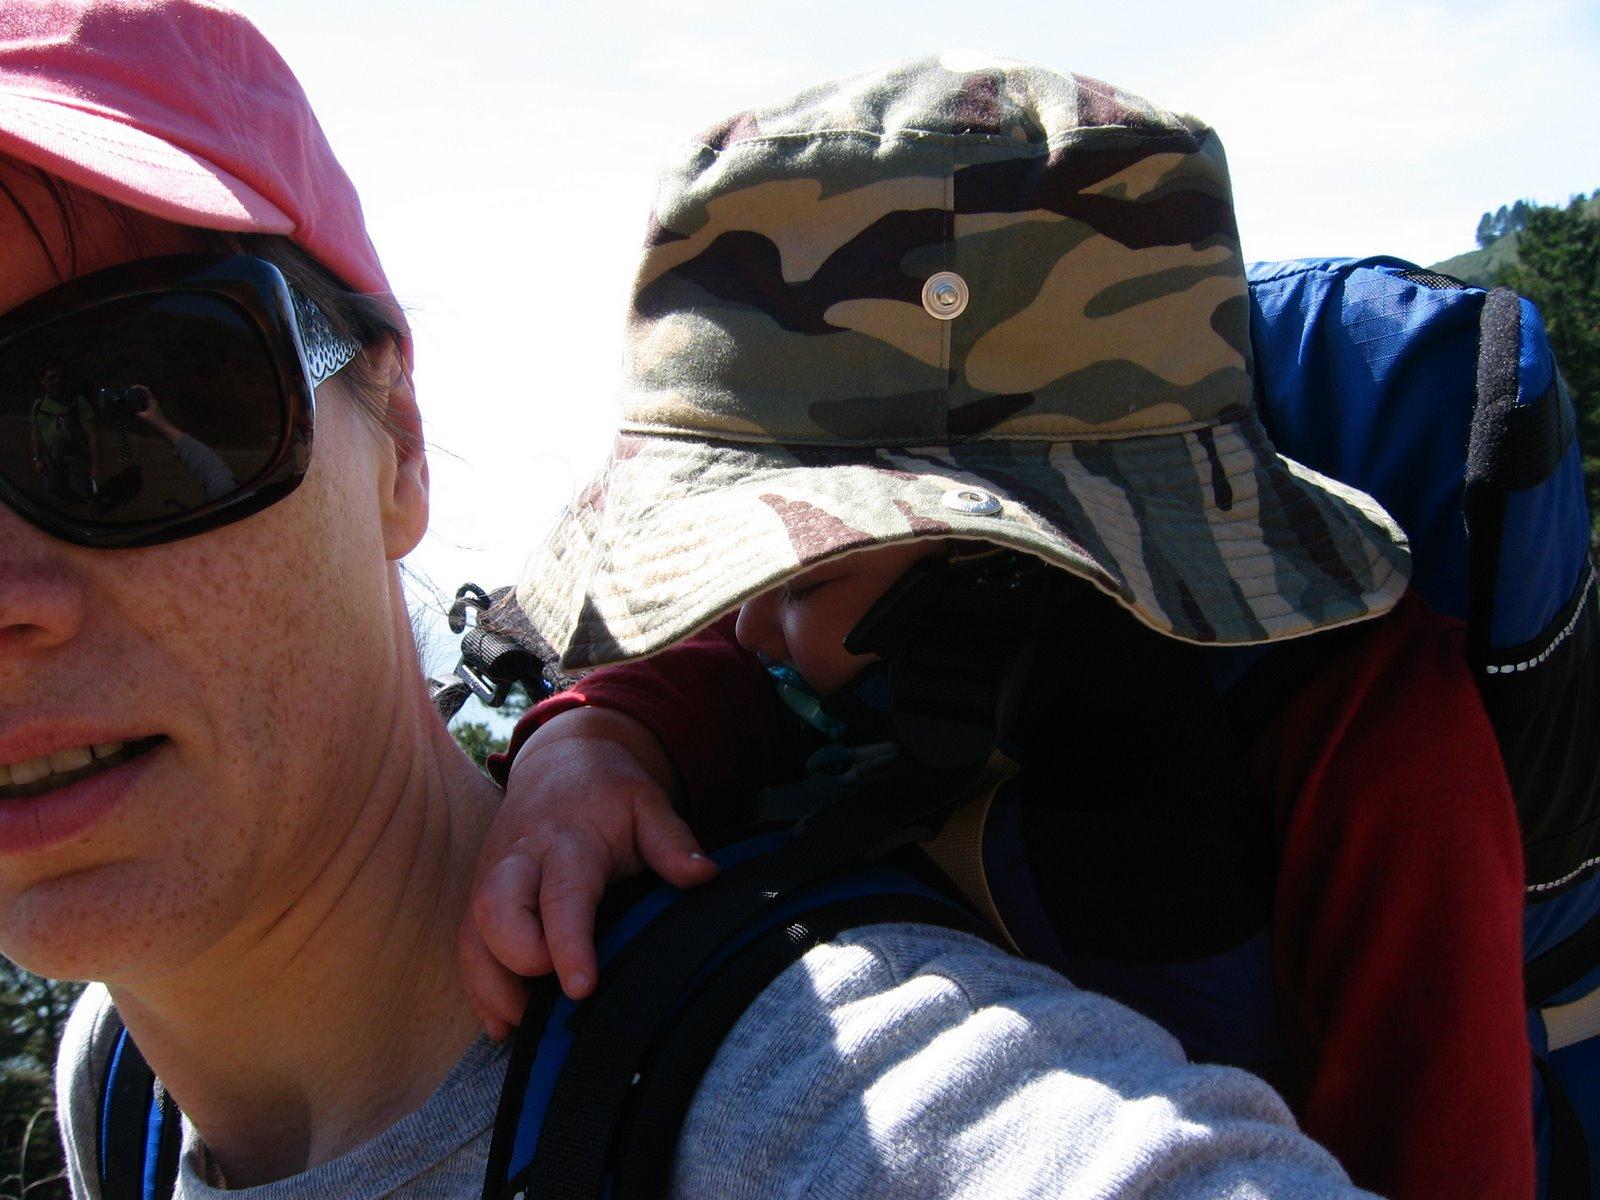 [Hiking+04.01.07+031.jpg]